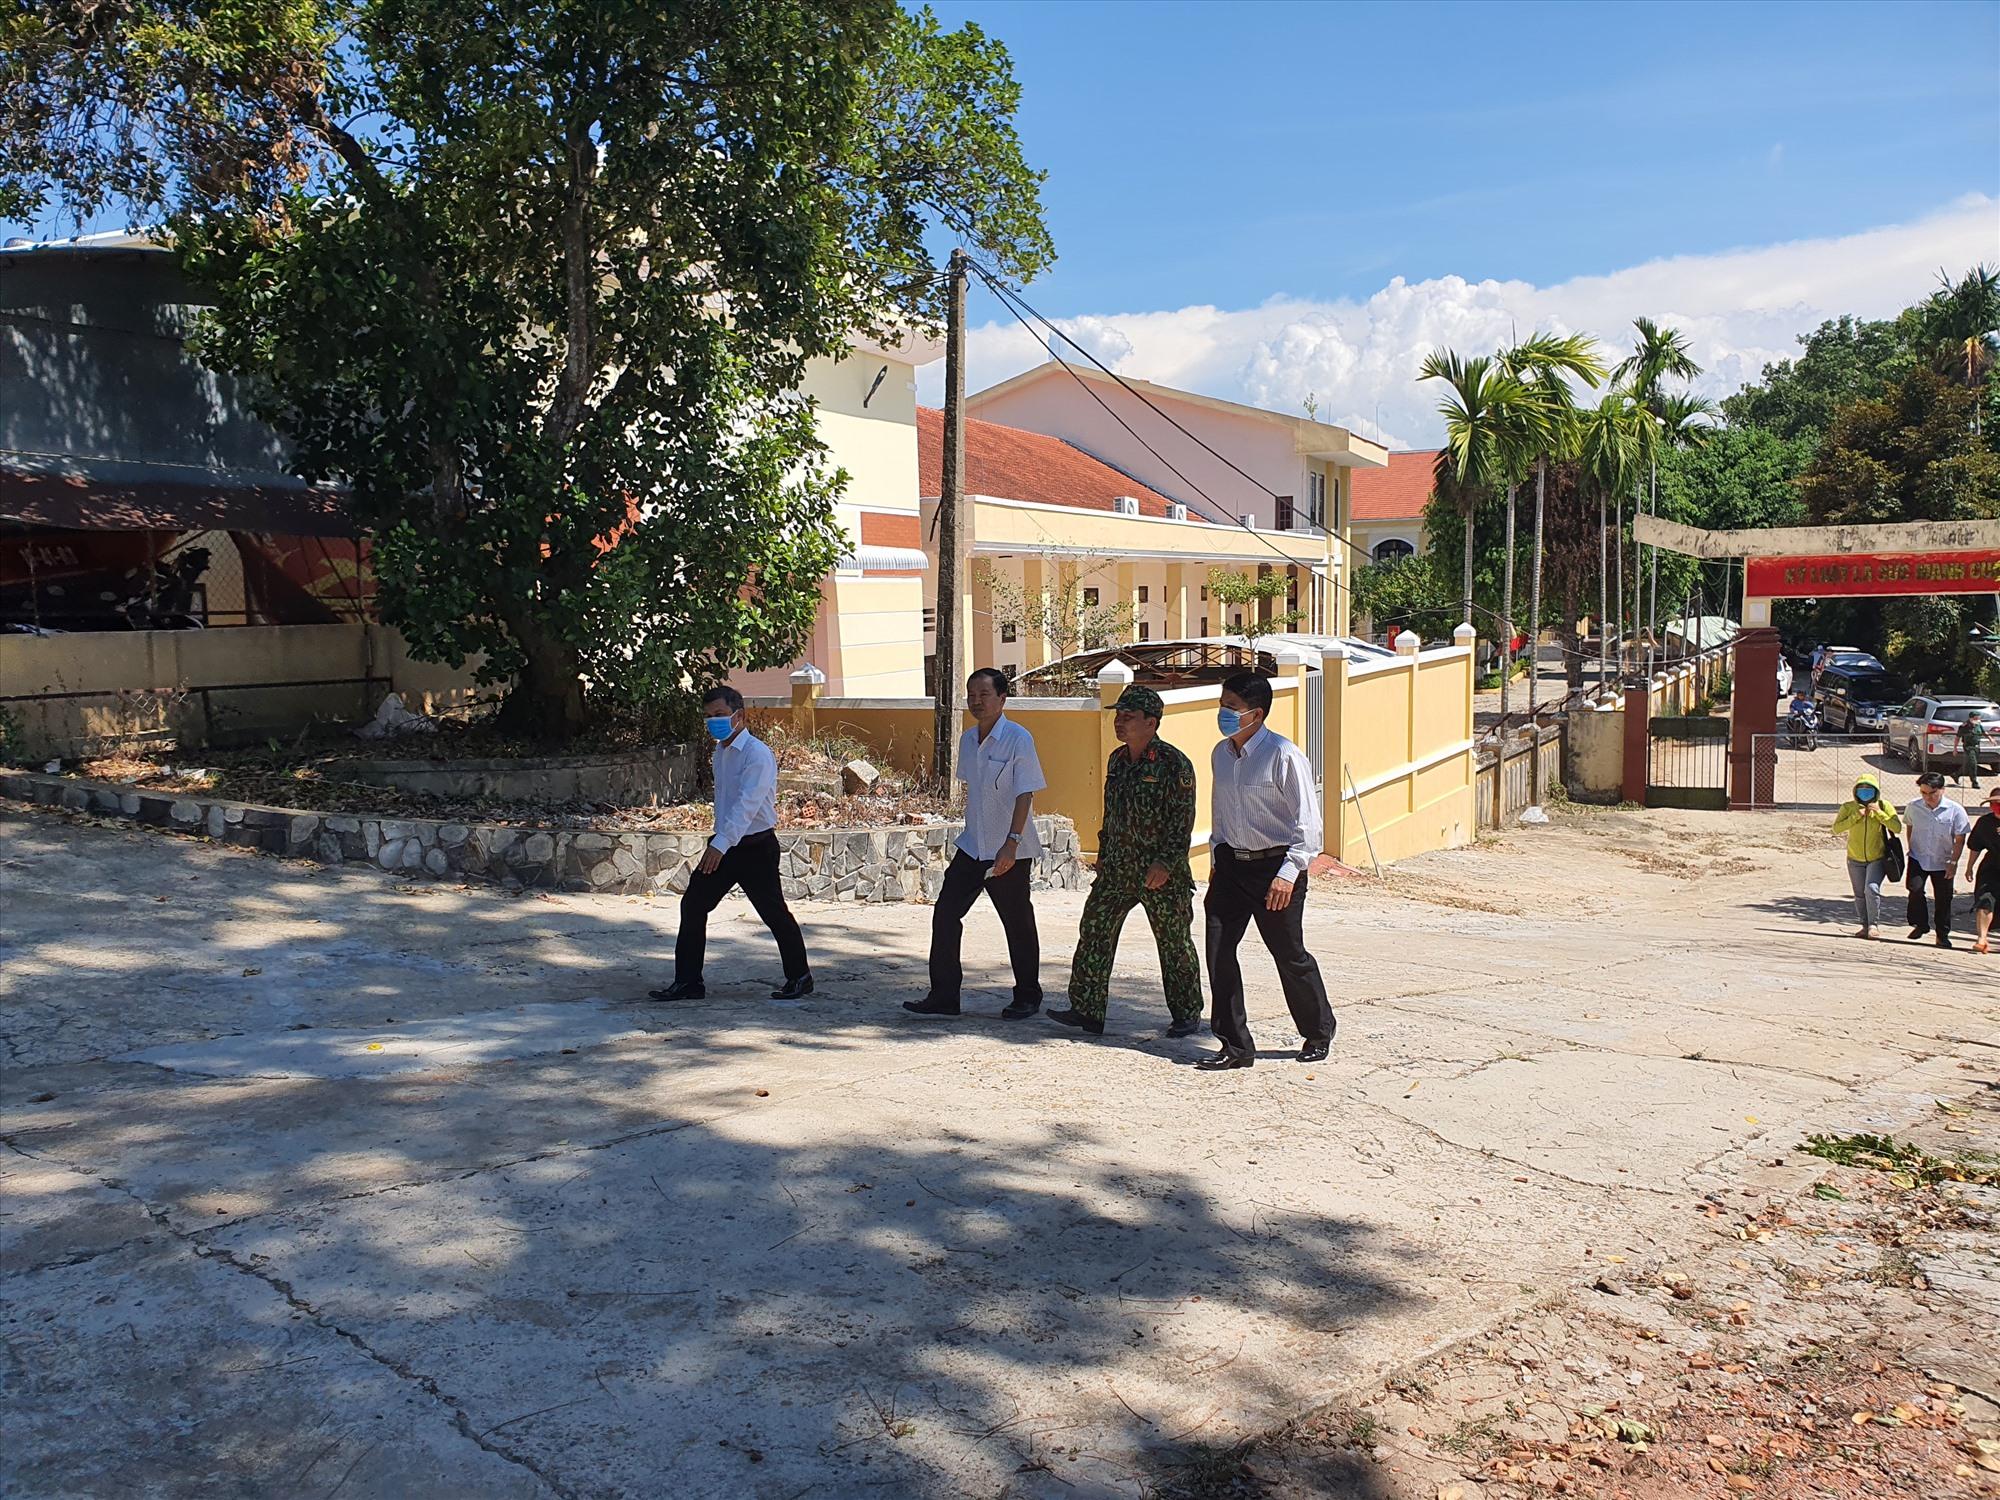 Phó Chủ tịch Trần Văn Tân kiểm tra công tác chống dịch tại Đại Lộc. Ảnh: HOÀNG LIÊN